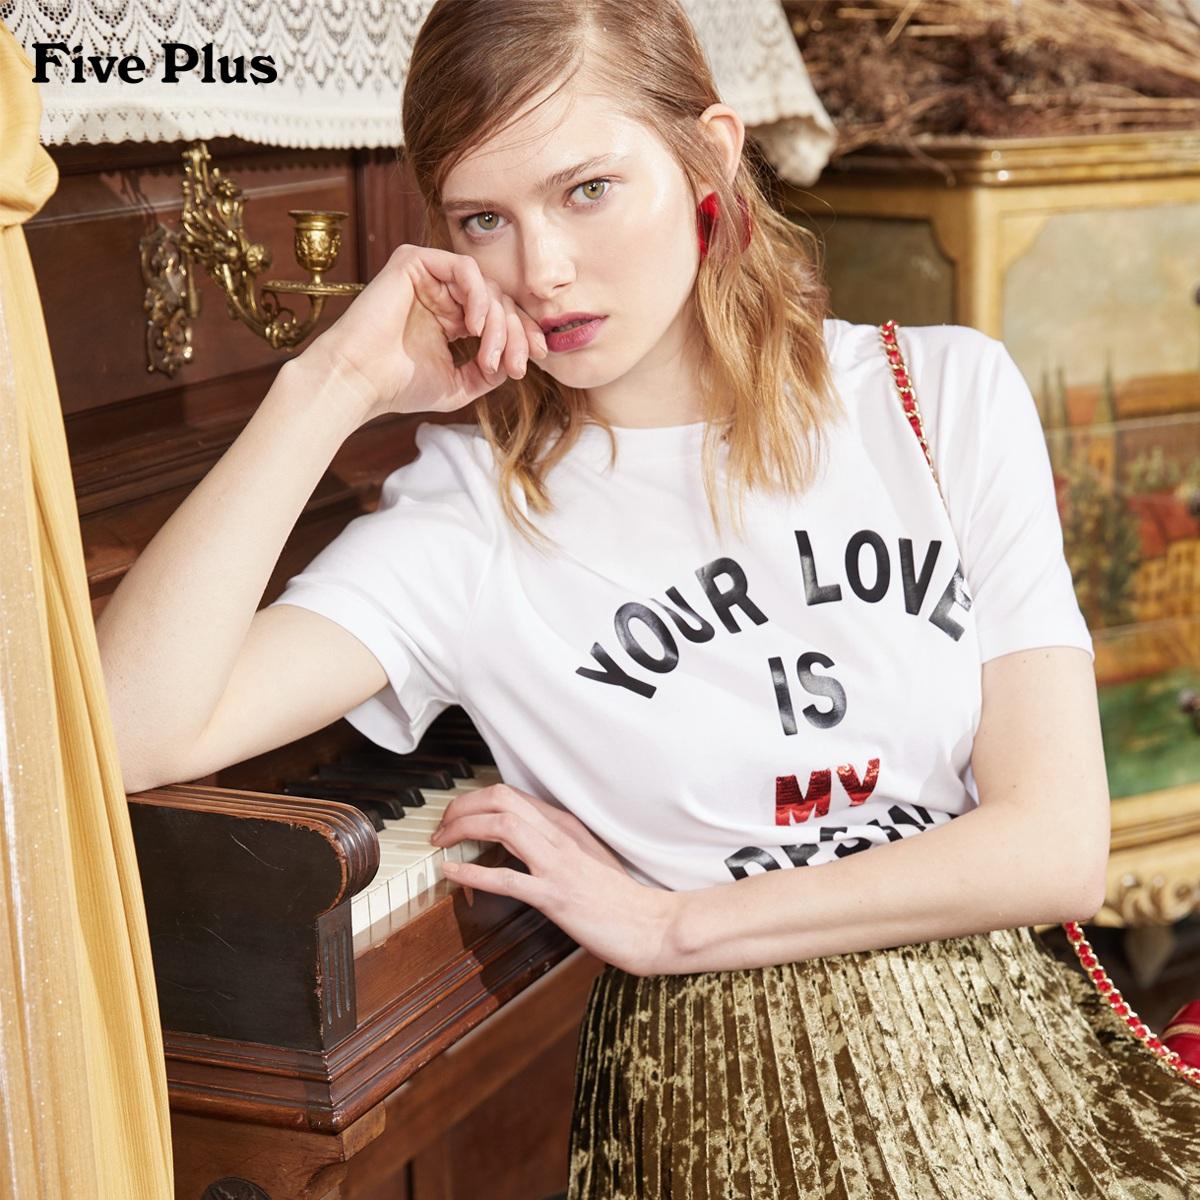 Five Plus2018新款女装纯棉宽松T恤女短袖潮字母图案圆领套头衫